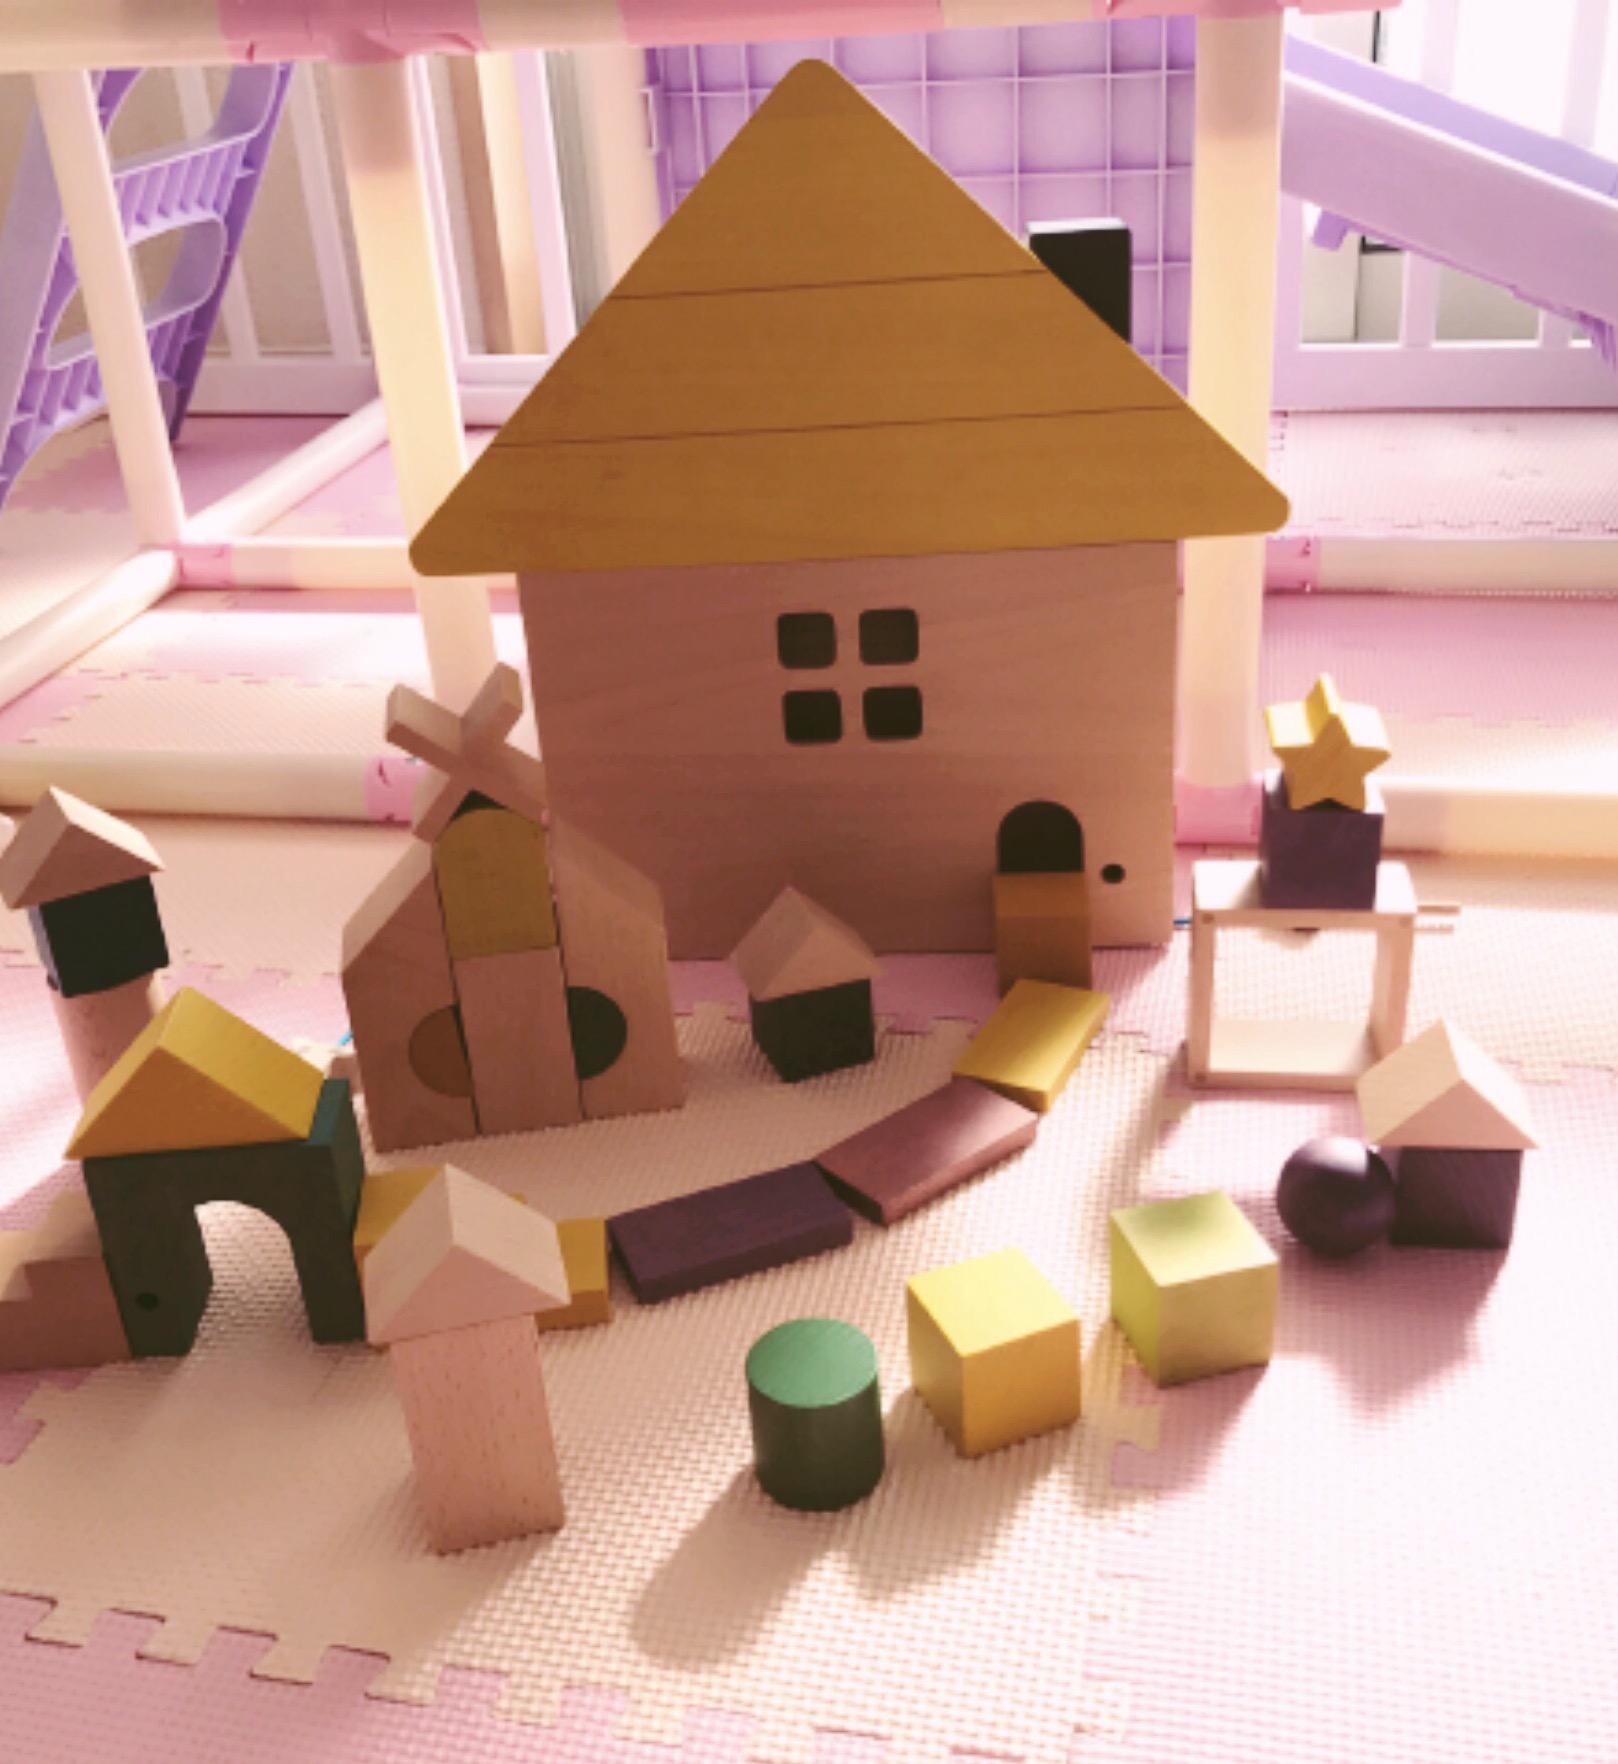 女の子 (積み木 つみき 積木) 知育玩具 【送料無料・おまけ付】 kiko gg* 誕生日 tsumiki 男 出産祝 かわいい 2歳 3歳 男の子 1歳 出産祝い・1歳の誕生日プレゼント おもちゃ 女